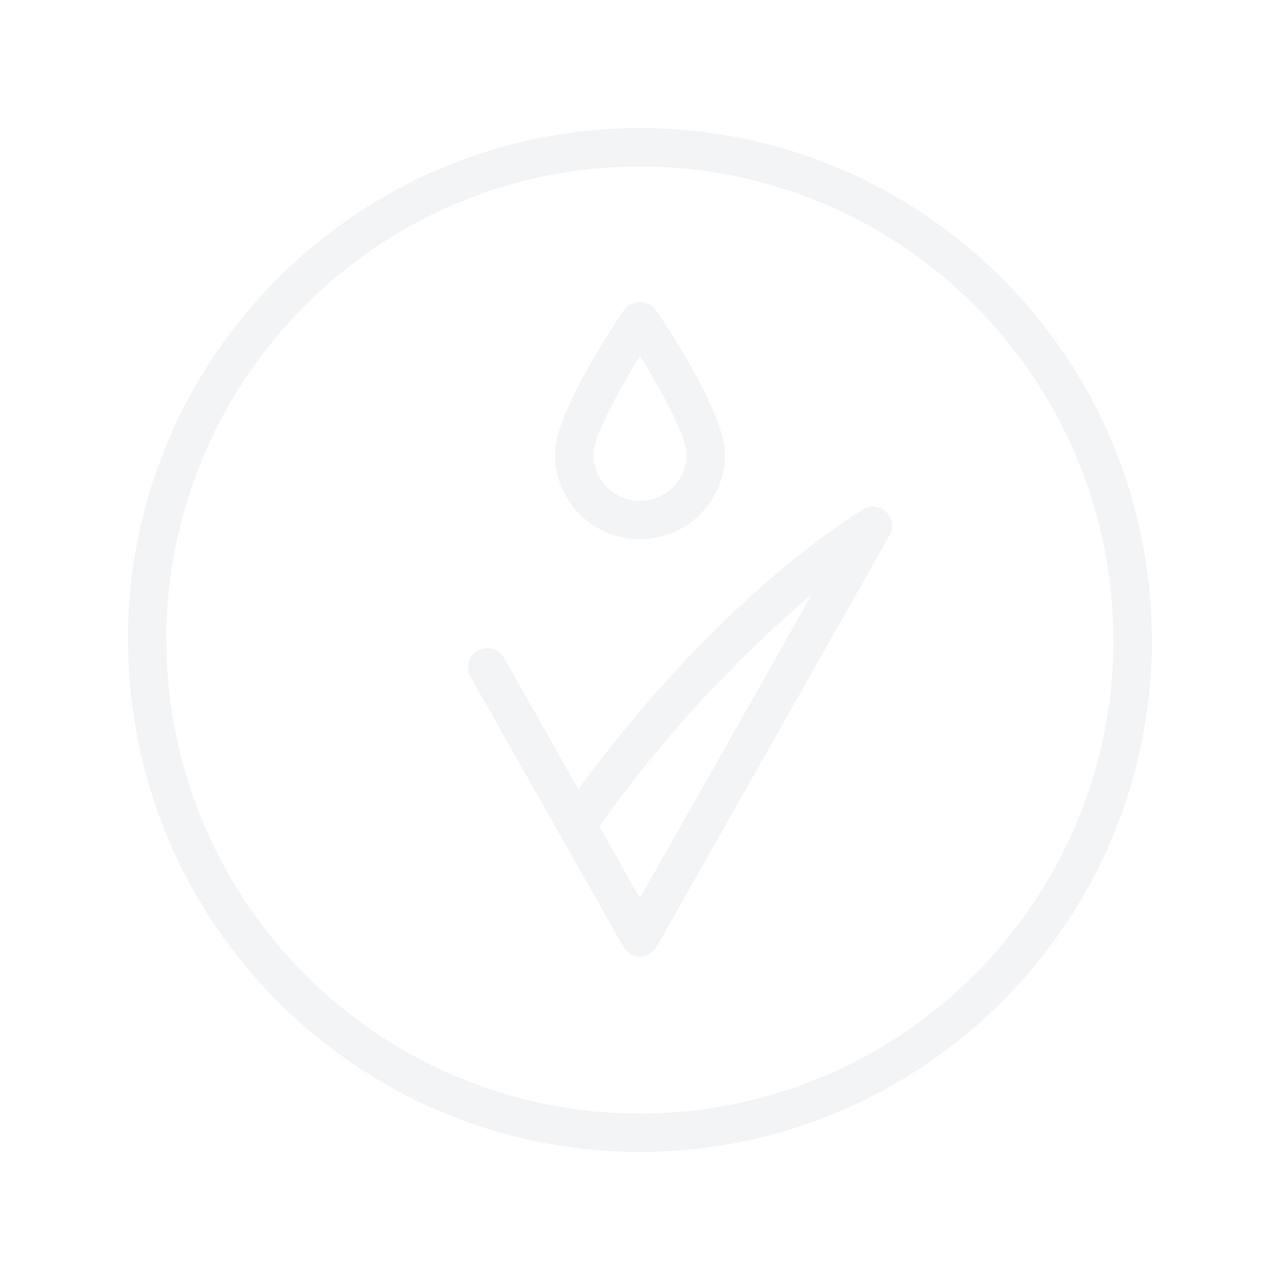 MITOMO Sake Essence Mask 25g